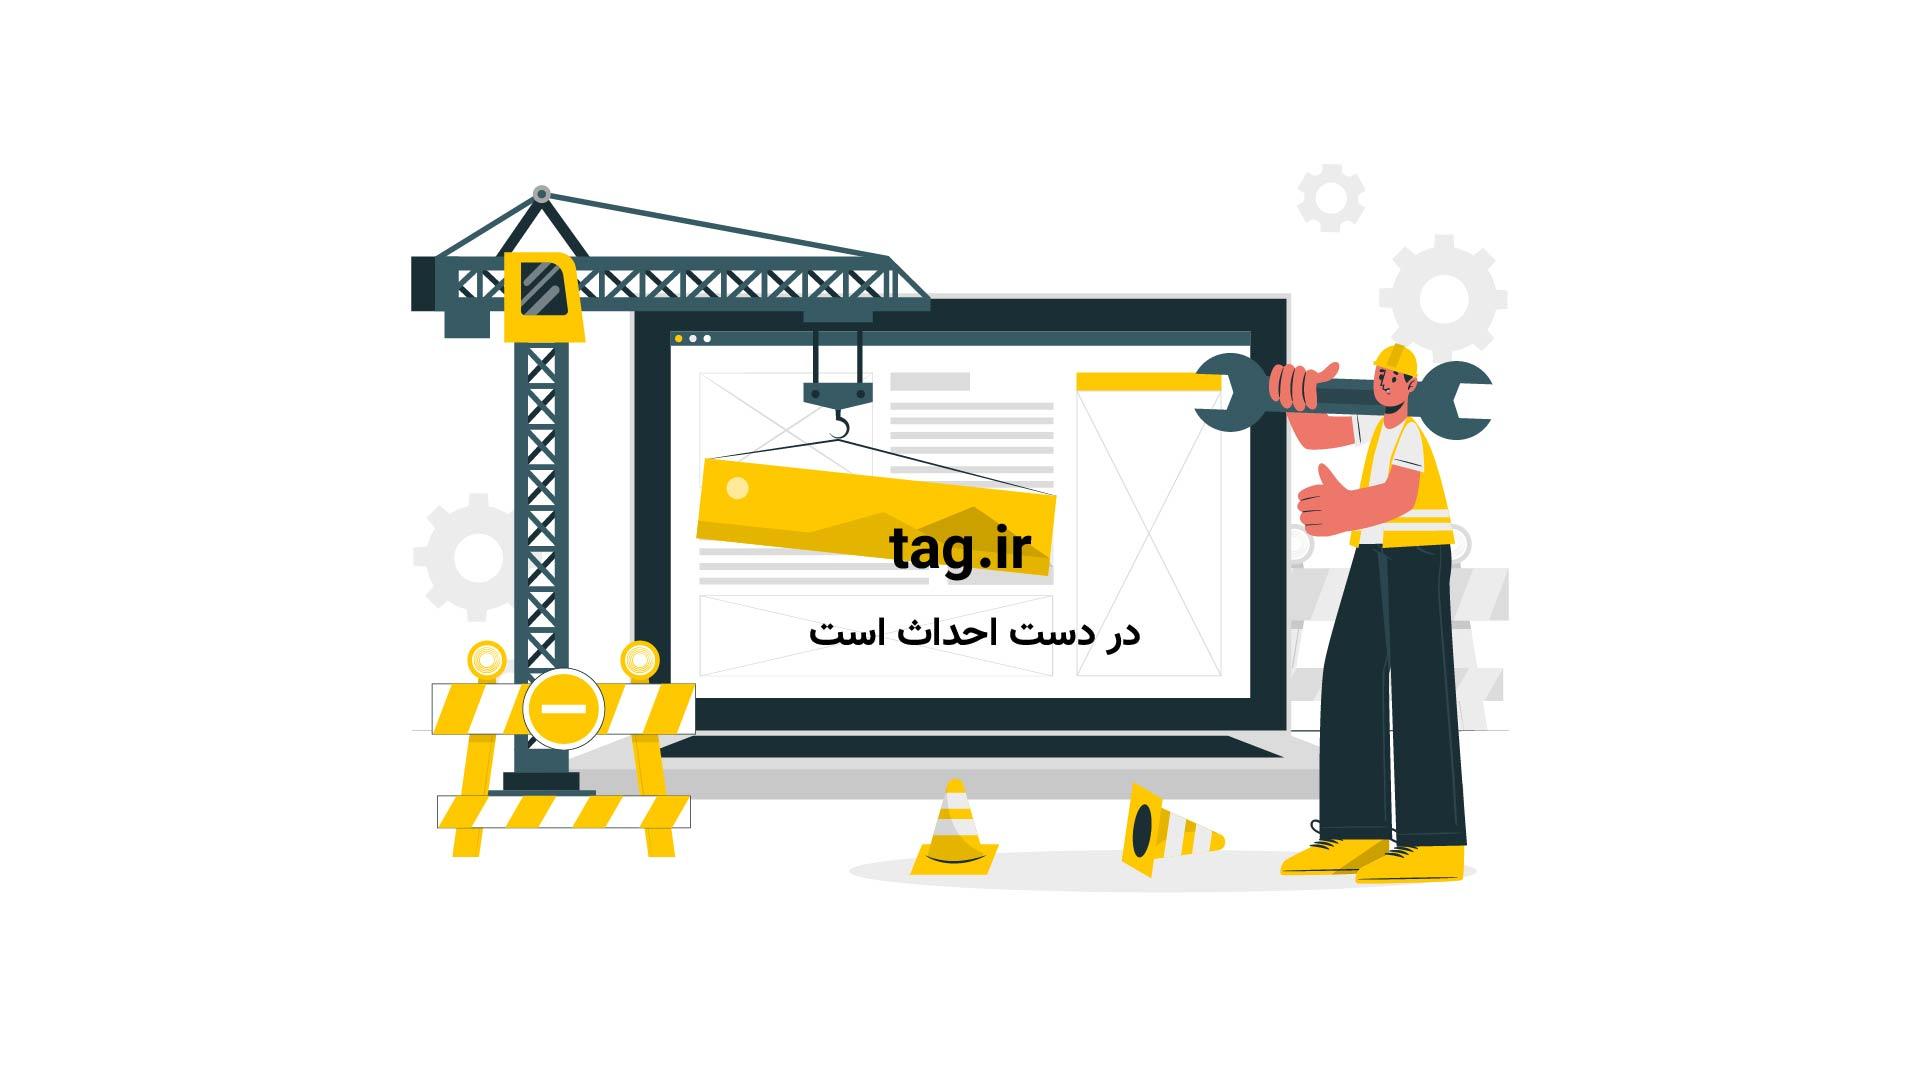 آبشار غسلگه | تگ